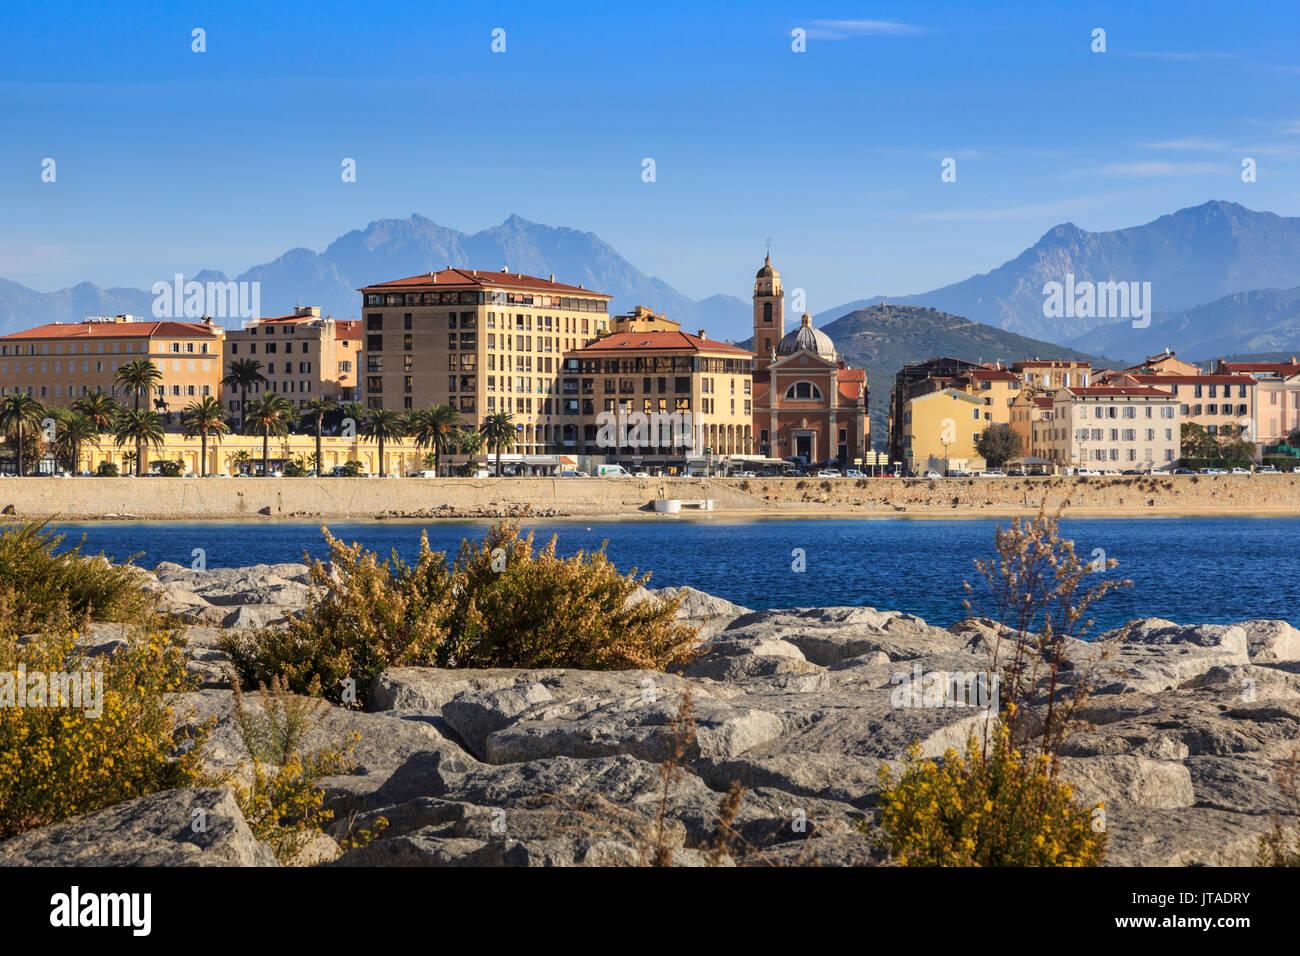 Kathedrale, Stadt und dunstige Berge, von seinem felsigen Waterfont, Ajaccio, Korsika, Mittelmeer, Frankreich, Mittelmeer Stockbild